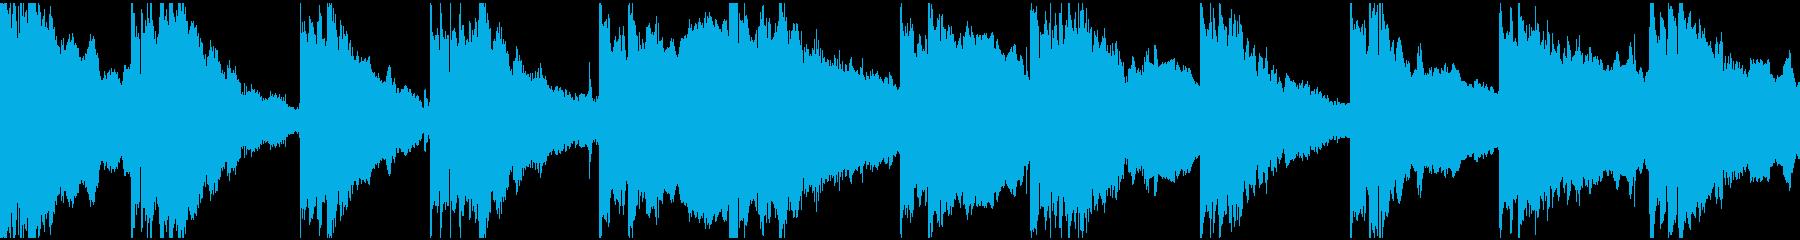 渦巻くアンビエントシンセは、まばら...の再生済みの波形